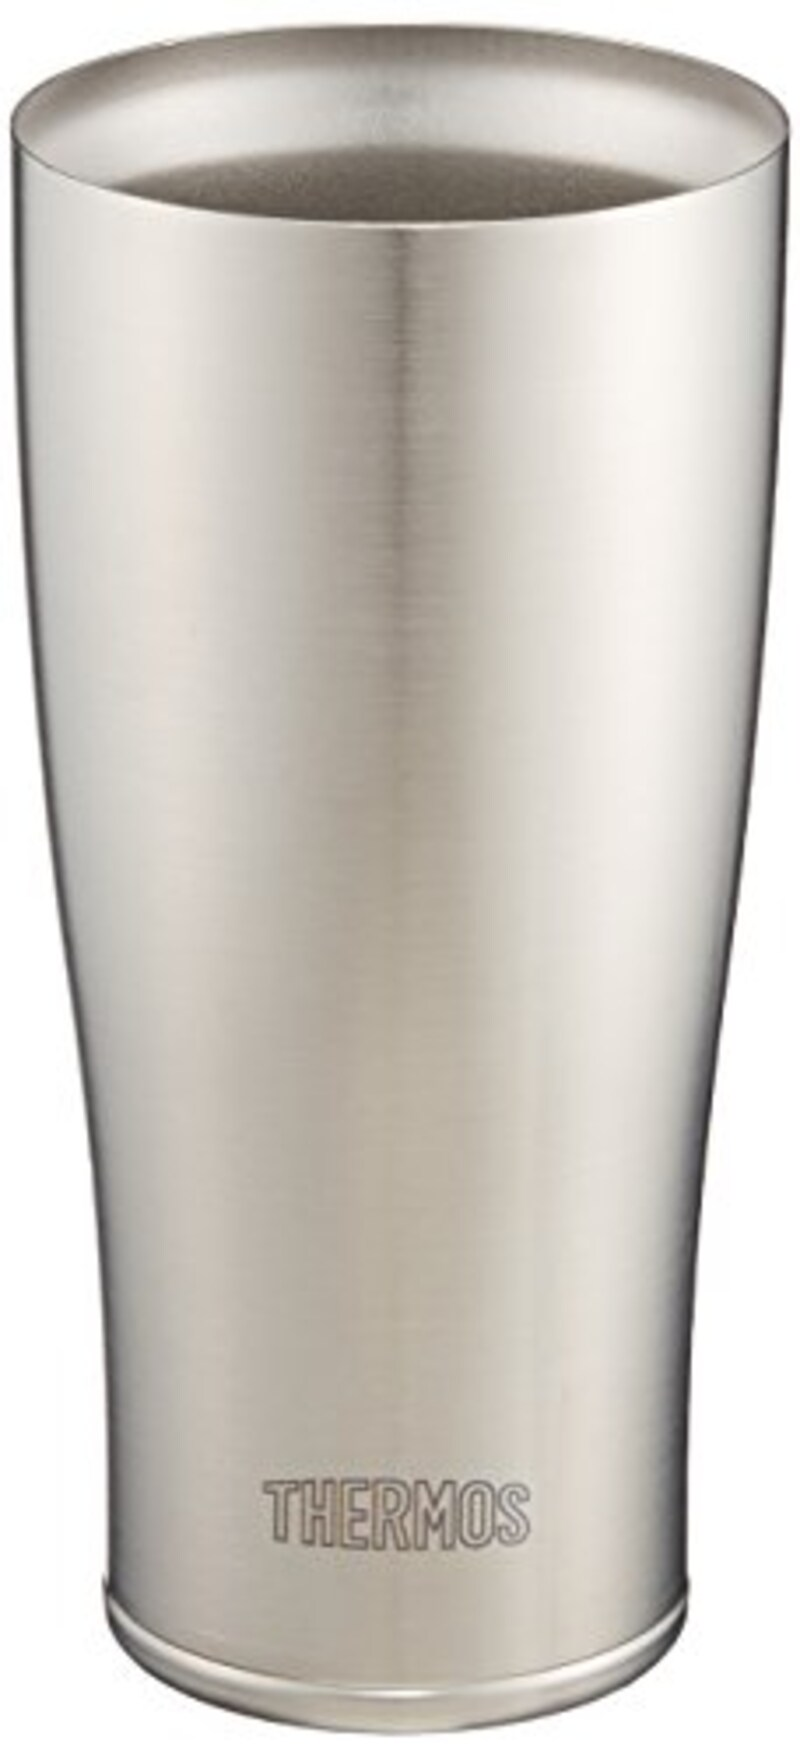 THERMOS(サーモス),真空断熱タンブラー ステンレス,JDE-420